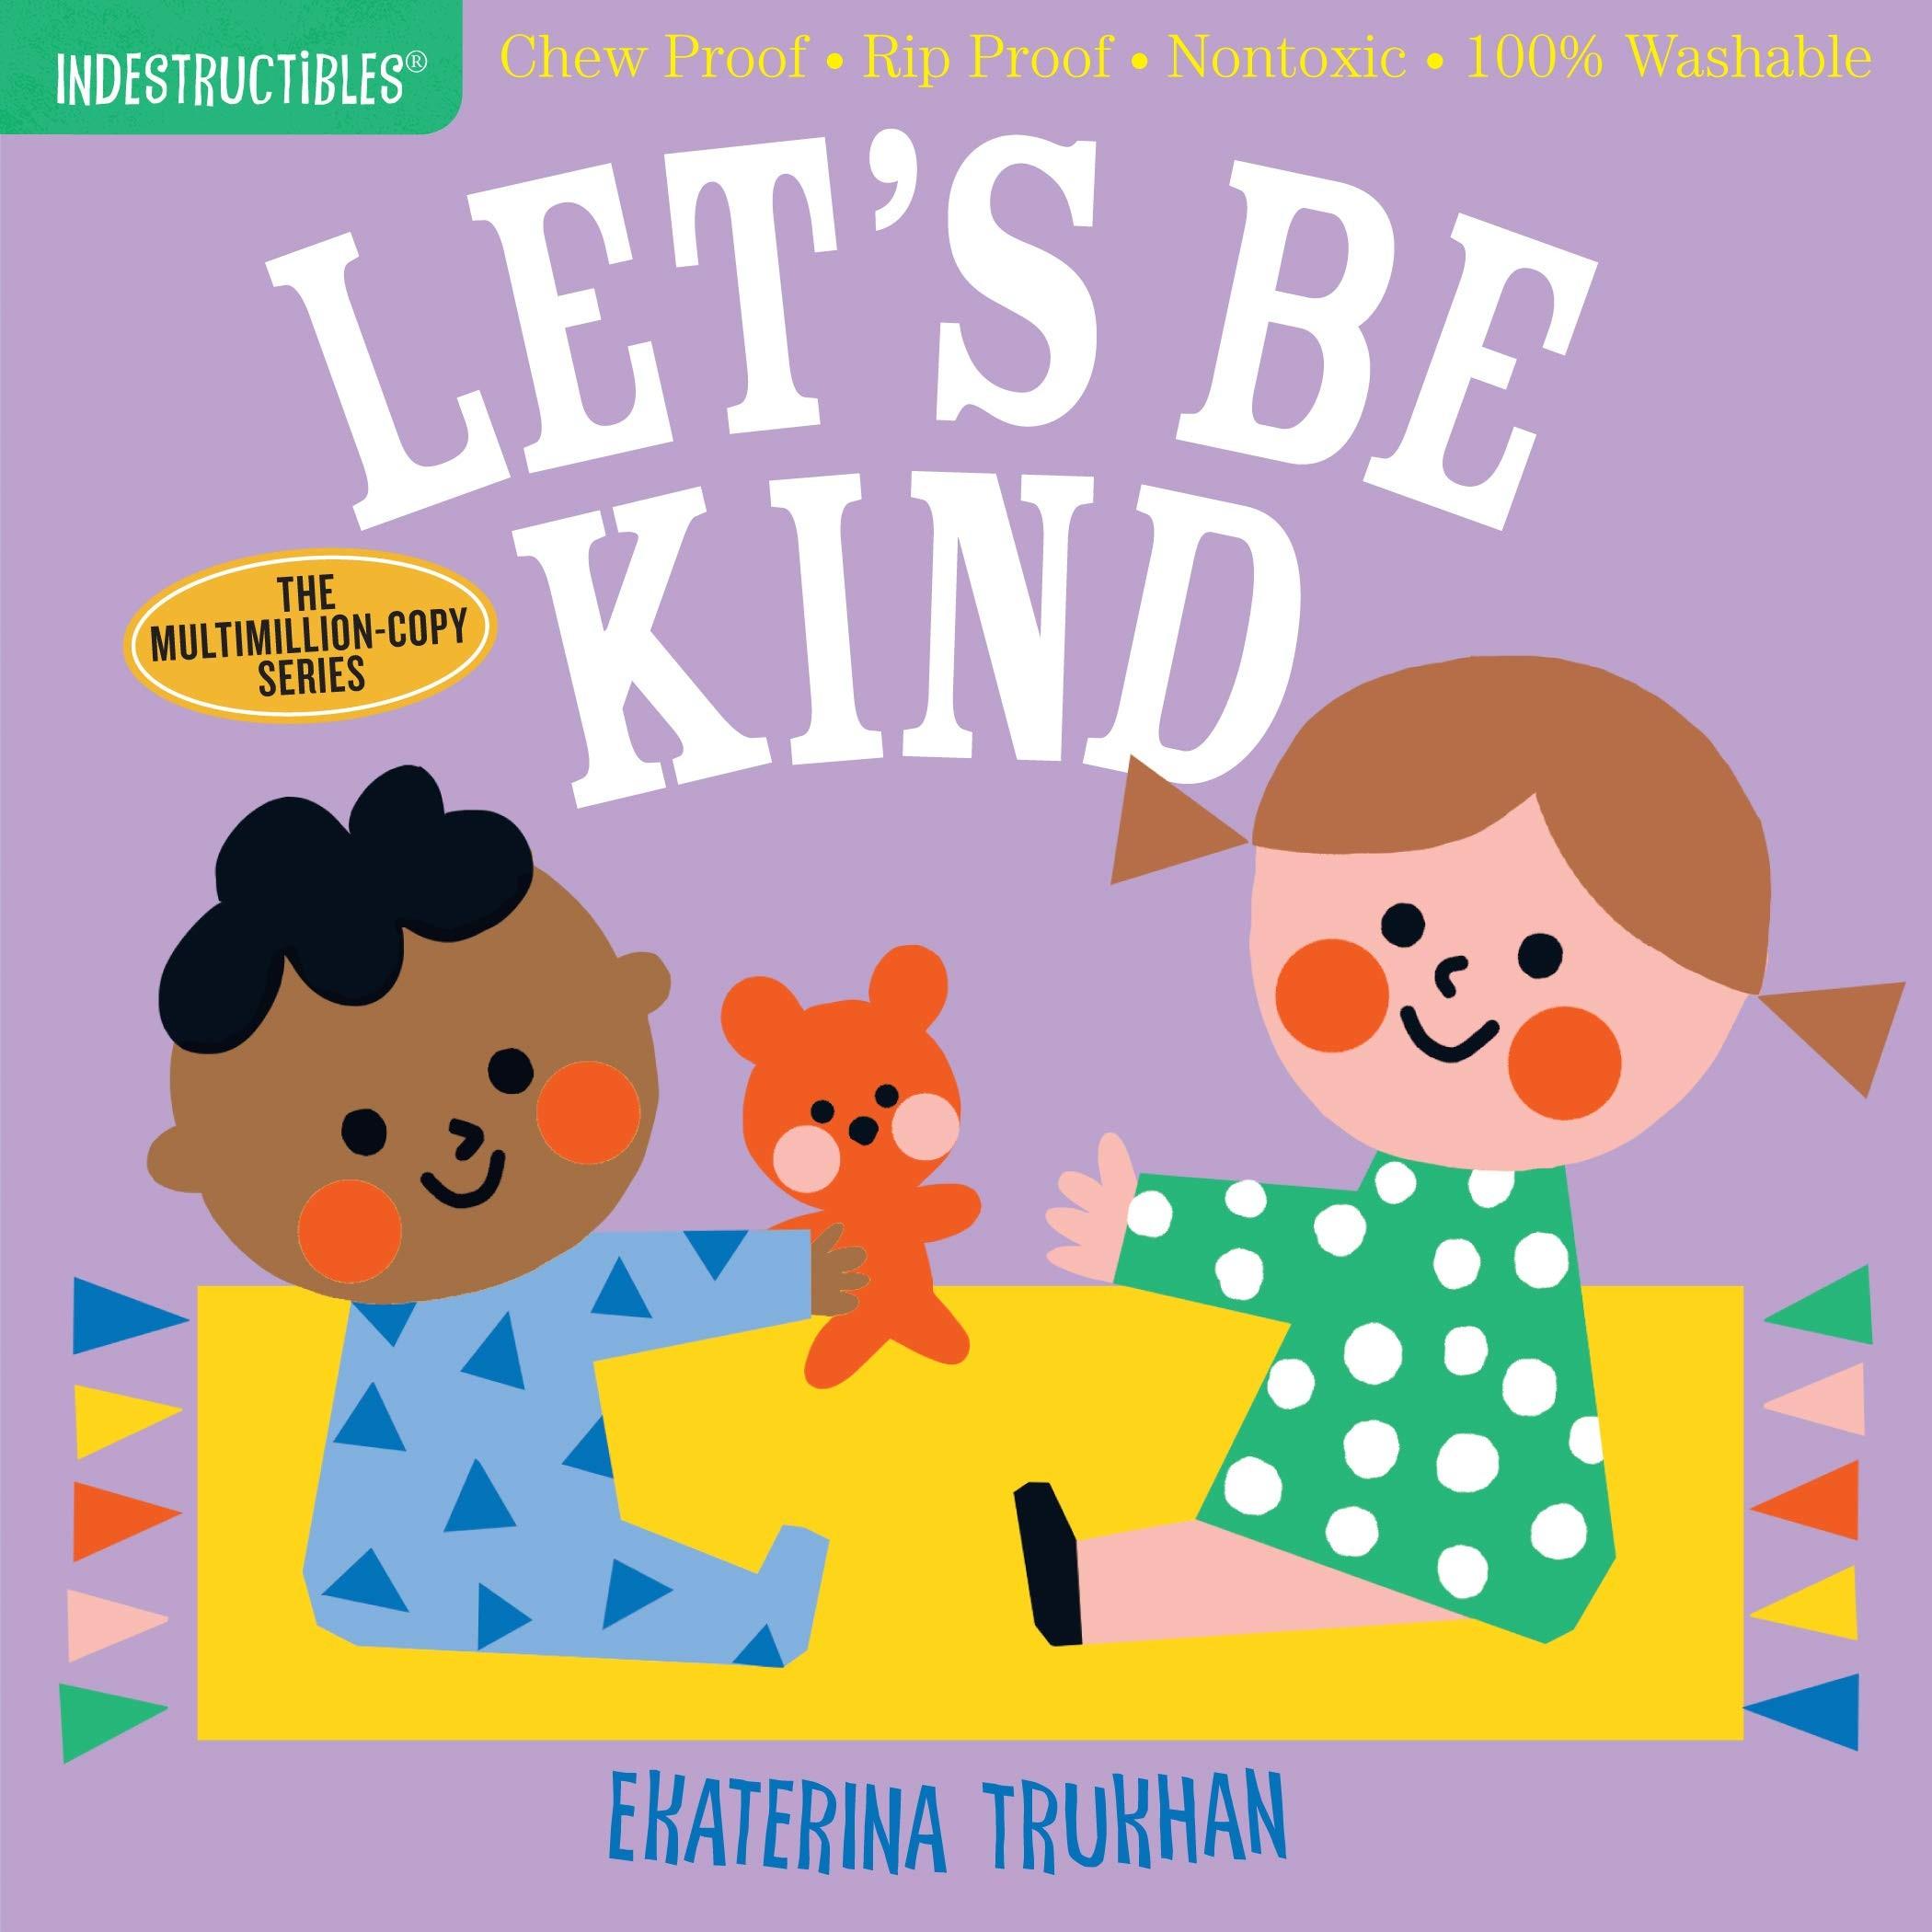 Washable Indestructibles: Let's Be Kind